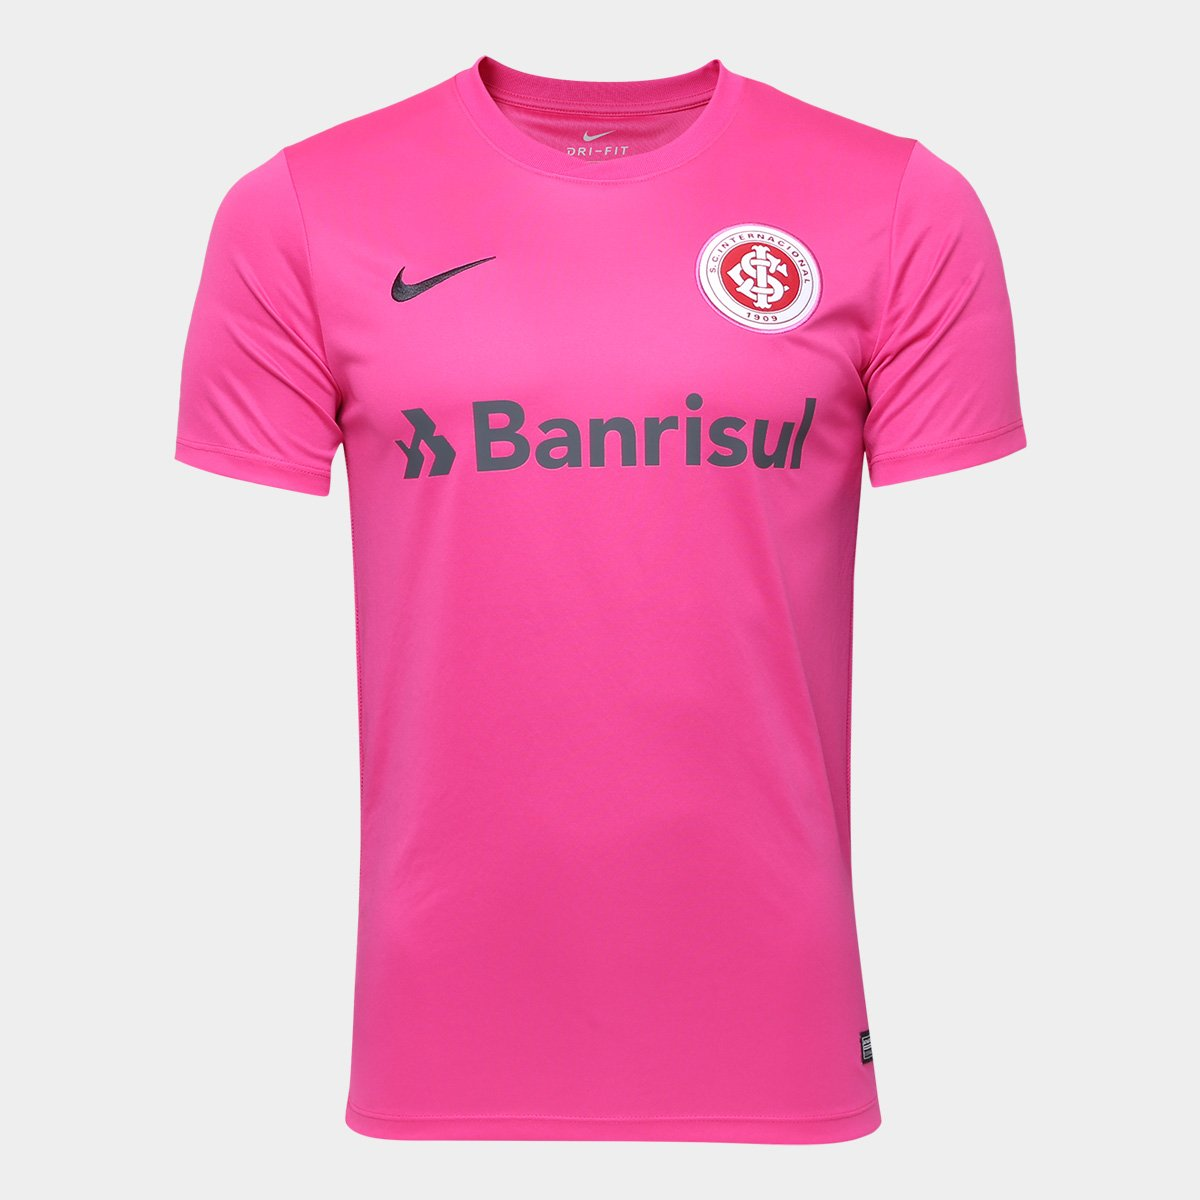 Camisa Internacional Outubro Rosa Nike Masculina - Rosa e Chumbo ... 48c236725d86c